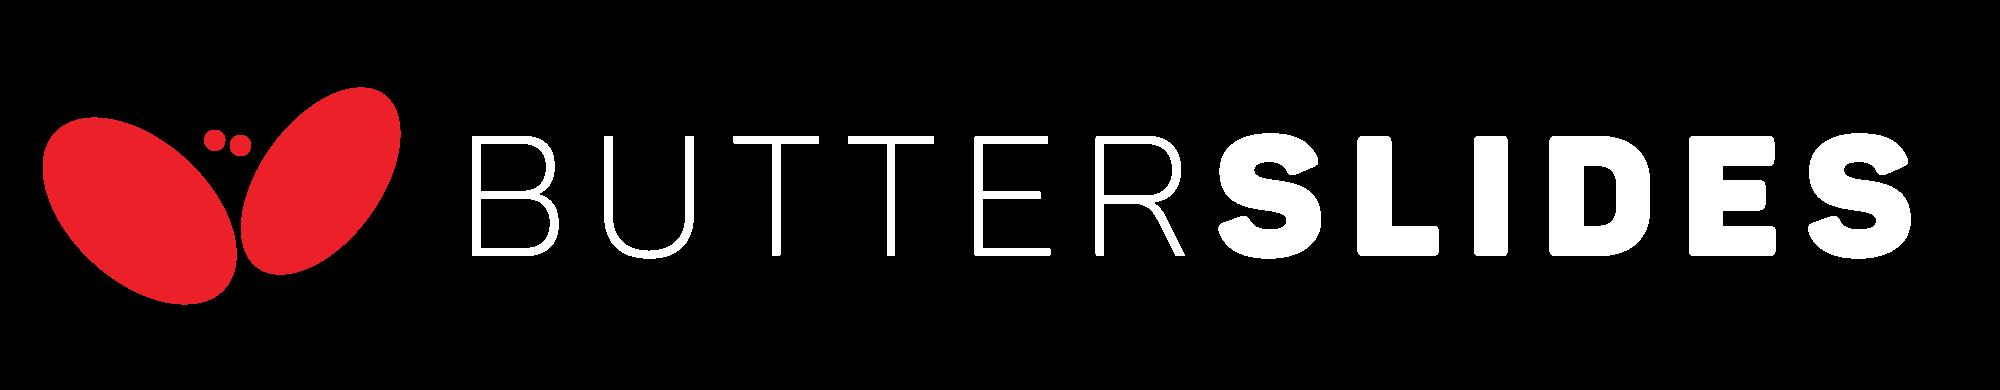 Butterslides